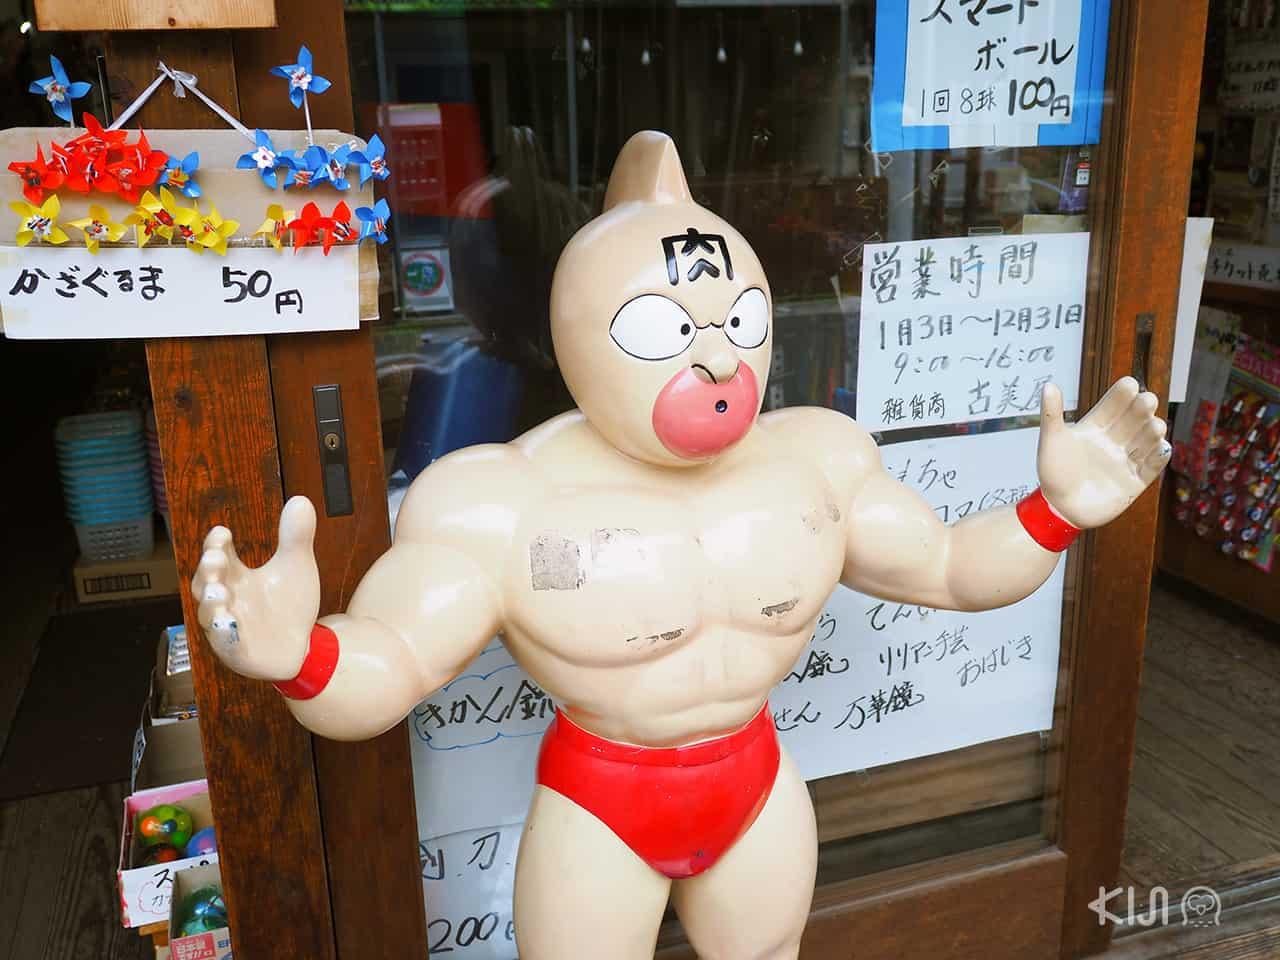 ร้านของเล่นโบราณ ที่เมืองบุงโกะทาคาดะ (Bungotakada) โออิตะ